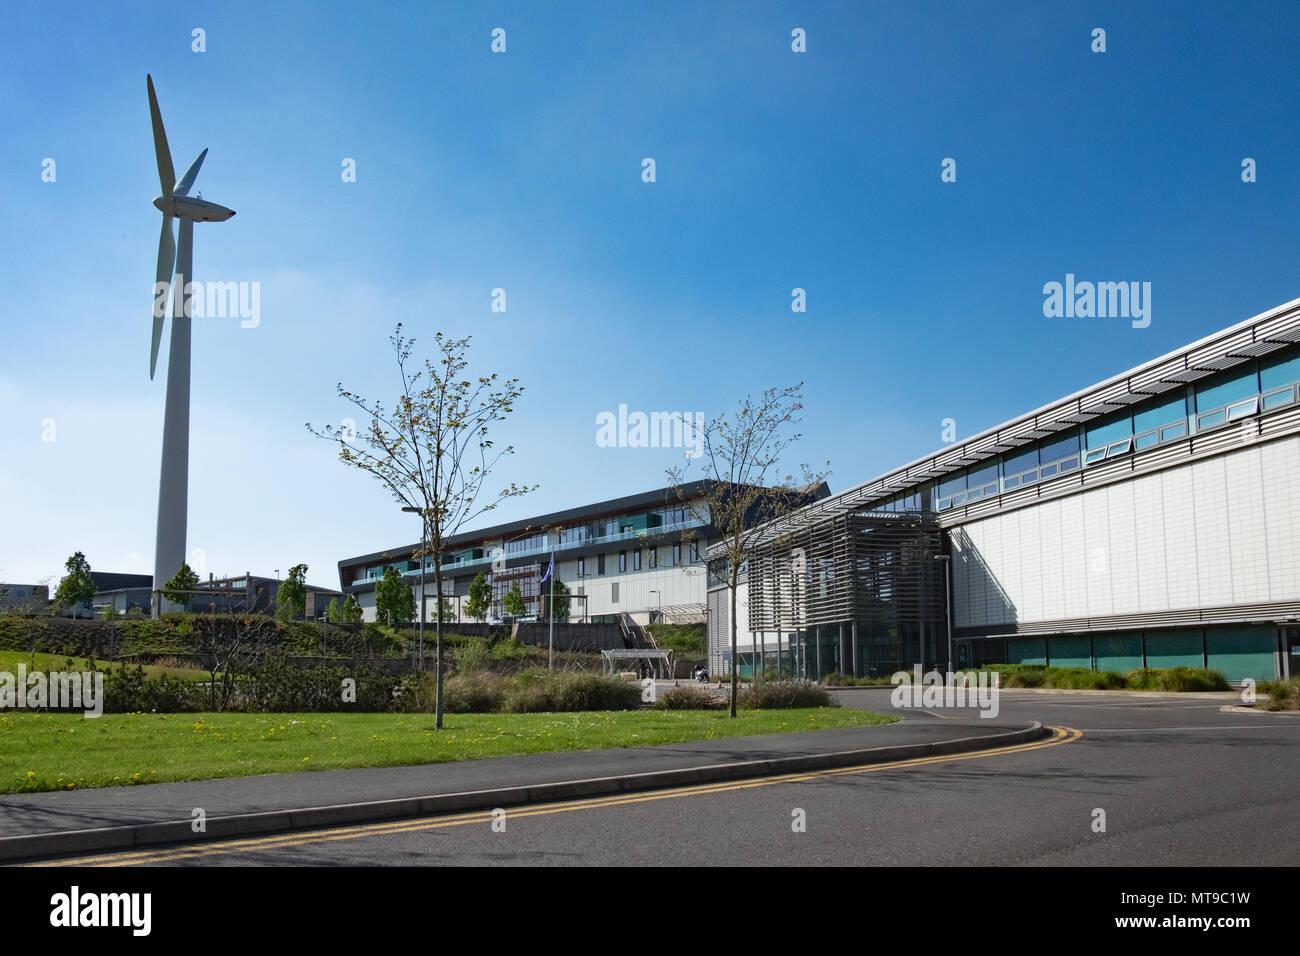 Il 4 maggio 2018, Sheffield, Regno Unito. Fabbricazione avanzata Park a Sheffield, UK, è una ricerca di alta tecnologia e produzione industriale Immagini Stock